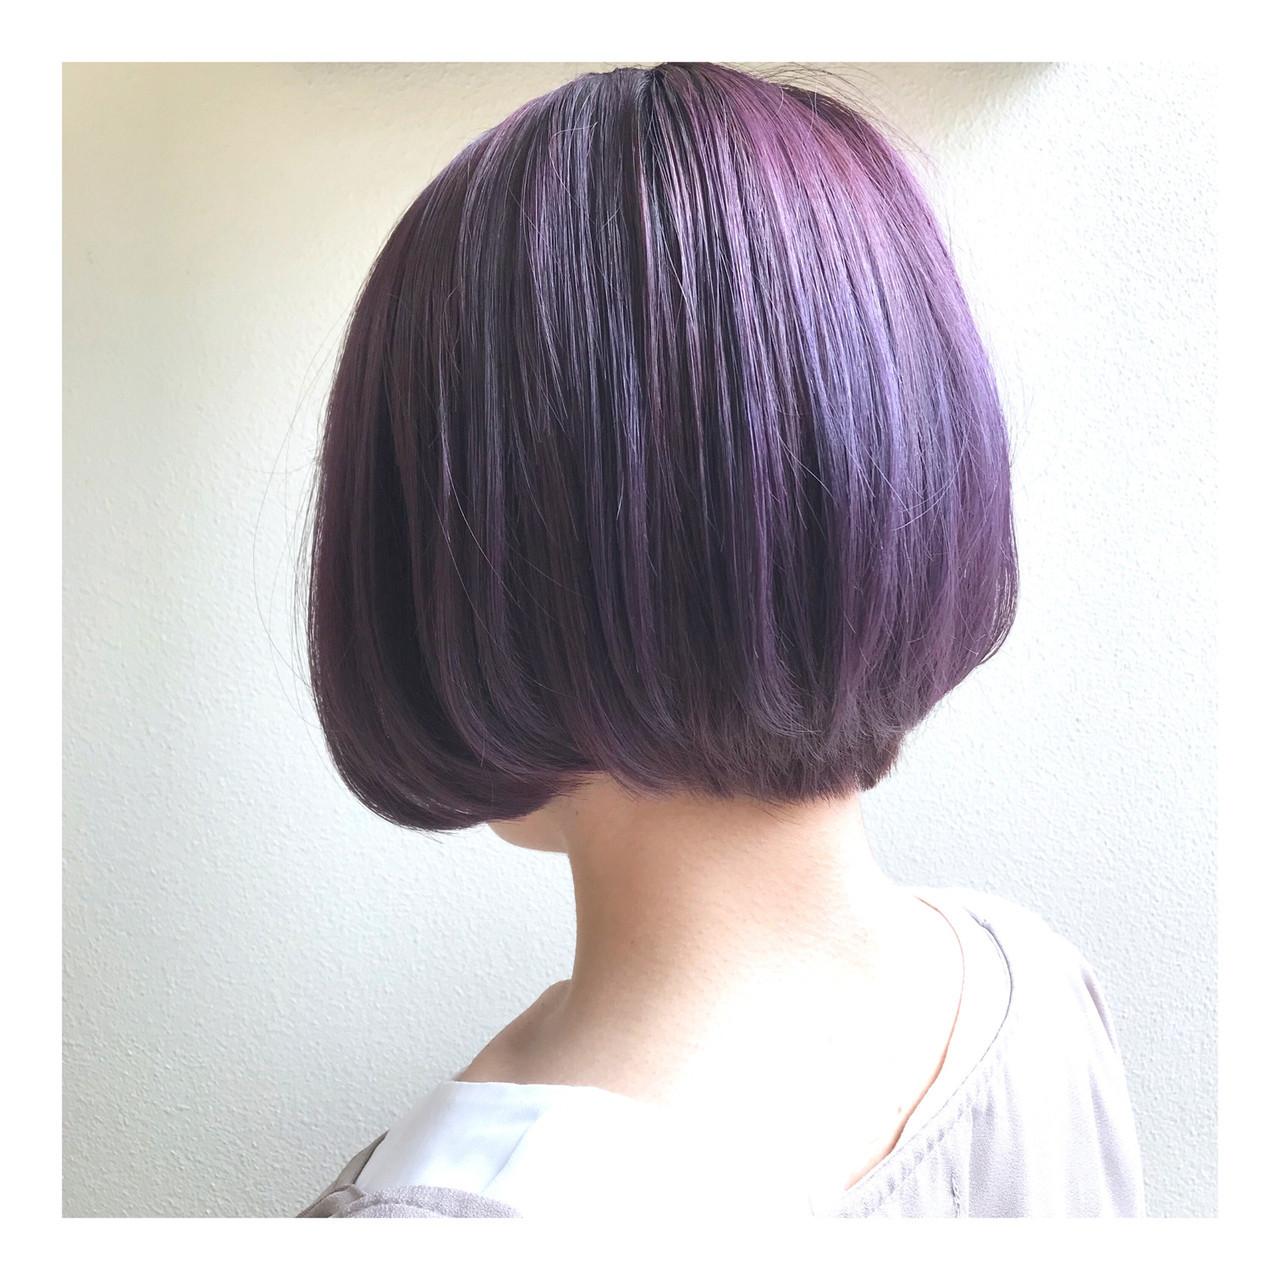 個性的 ショート ブルーバイオレット バイオレットアッシュ ヘアスタイルや髪型の写真・画像